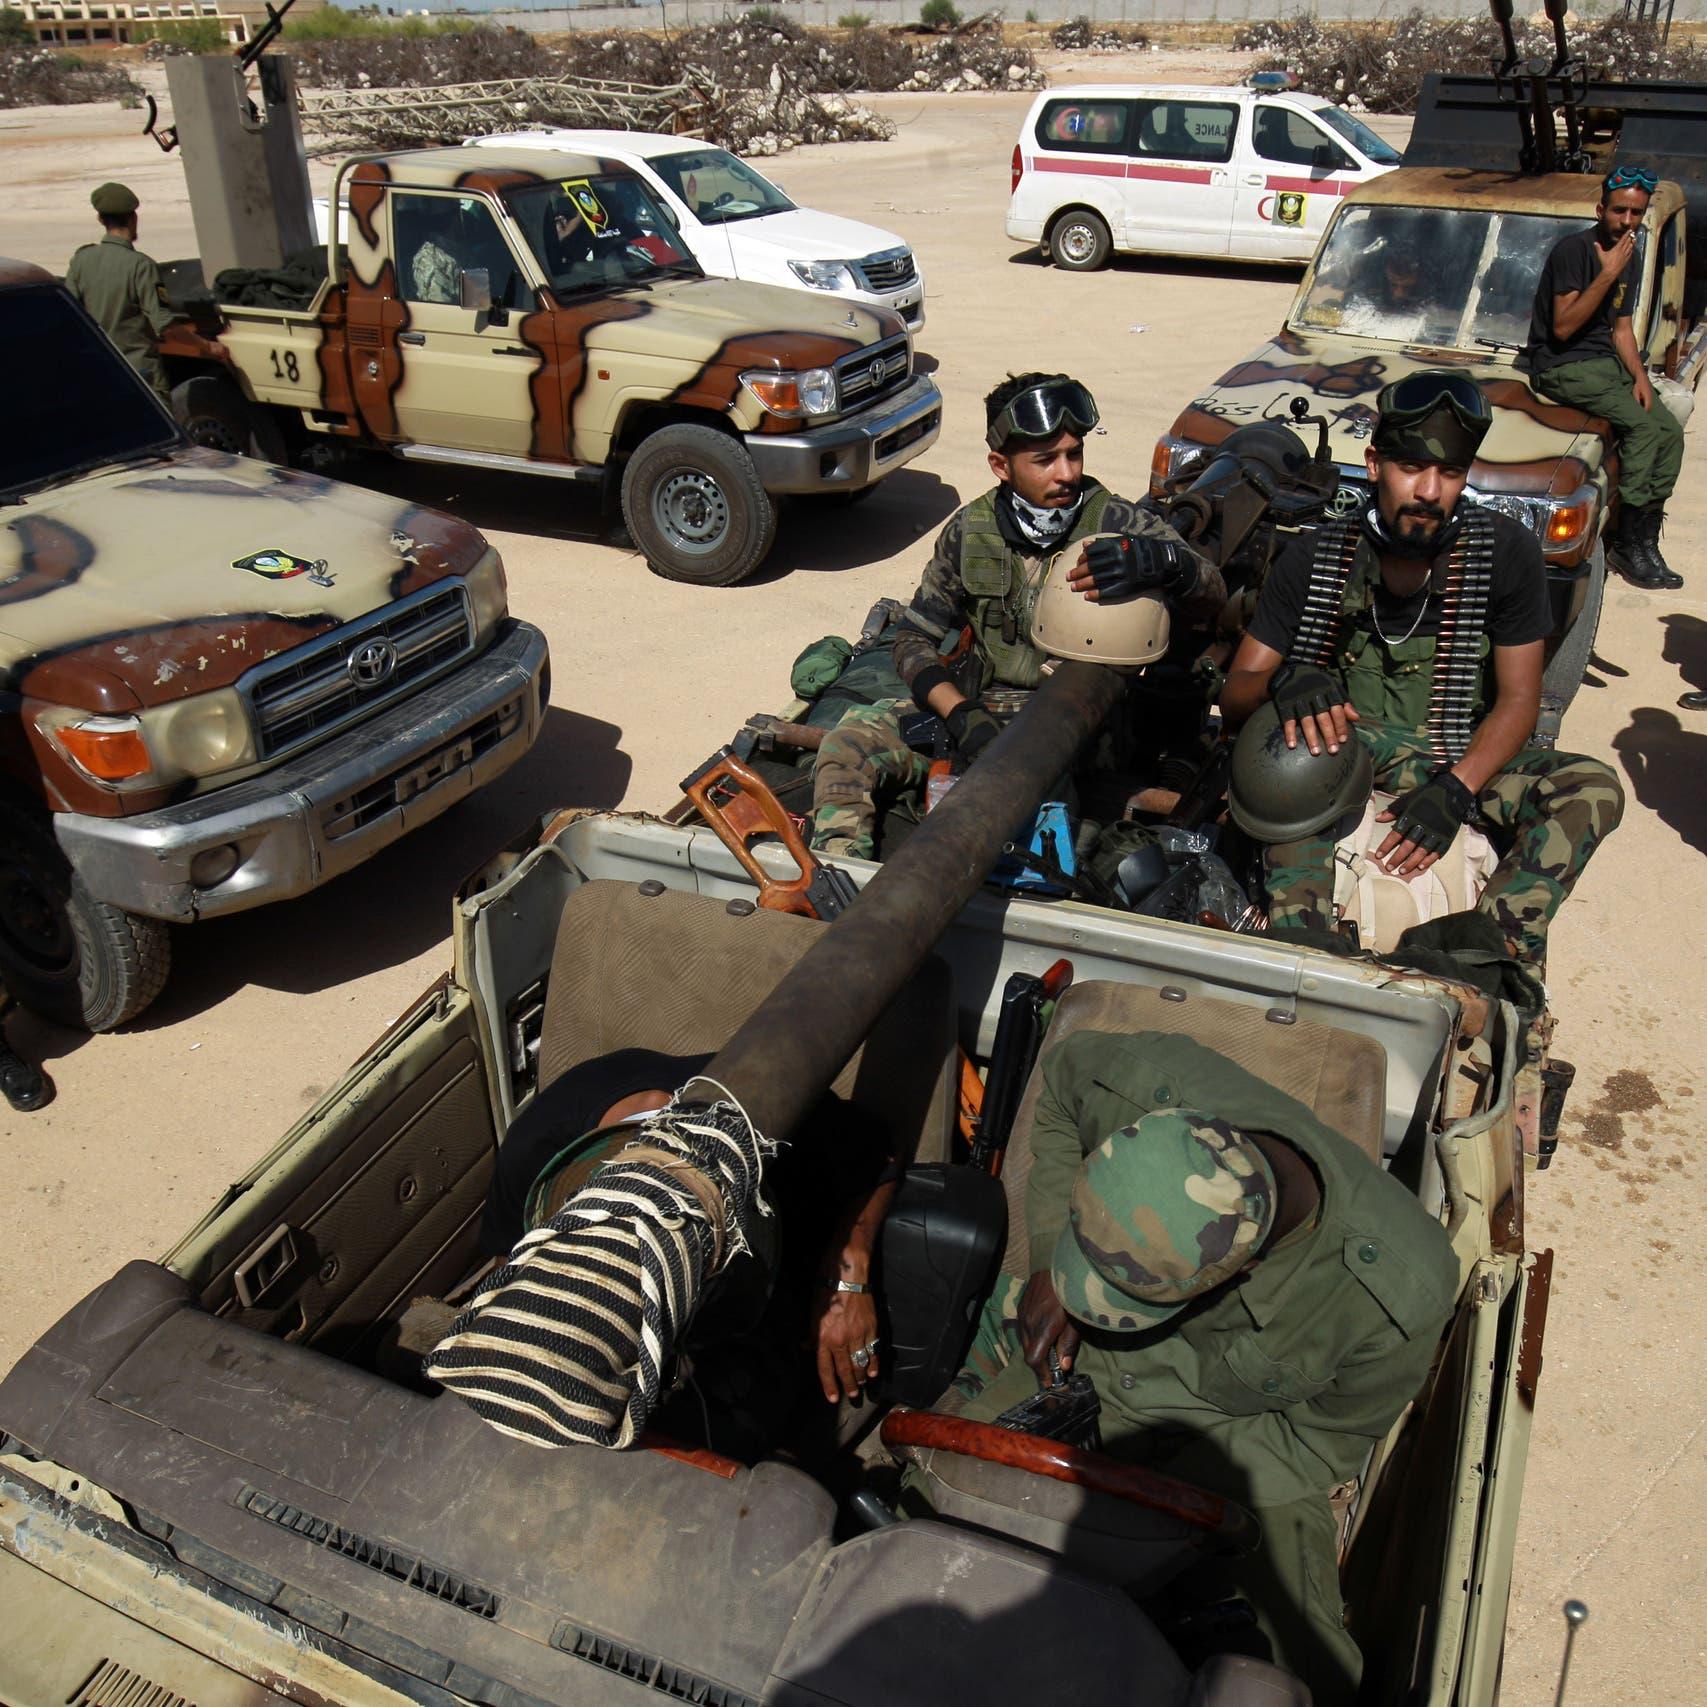 بوادر تصعيد عسكري في ليبيا.. تحشيد للوفاق واستنفار للجيش